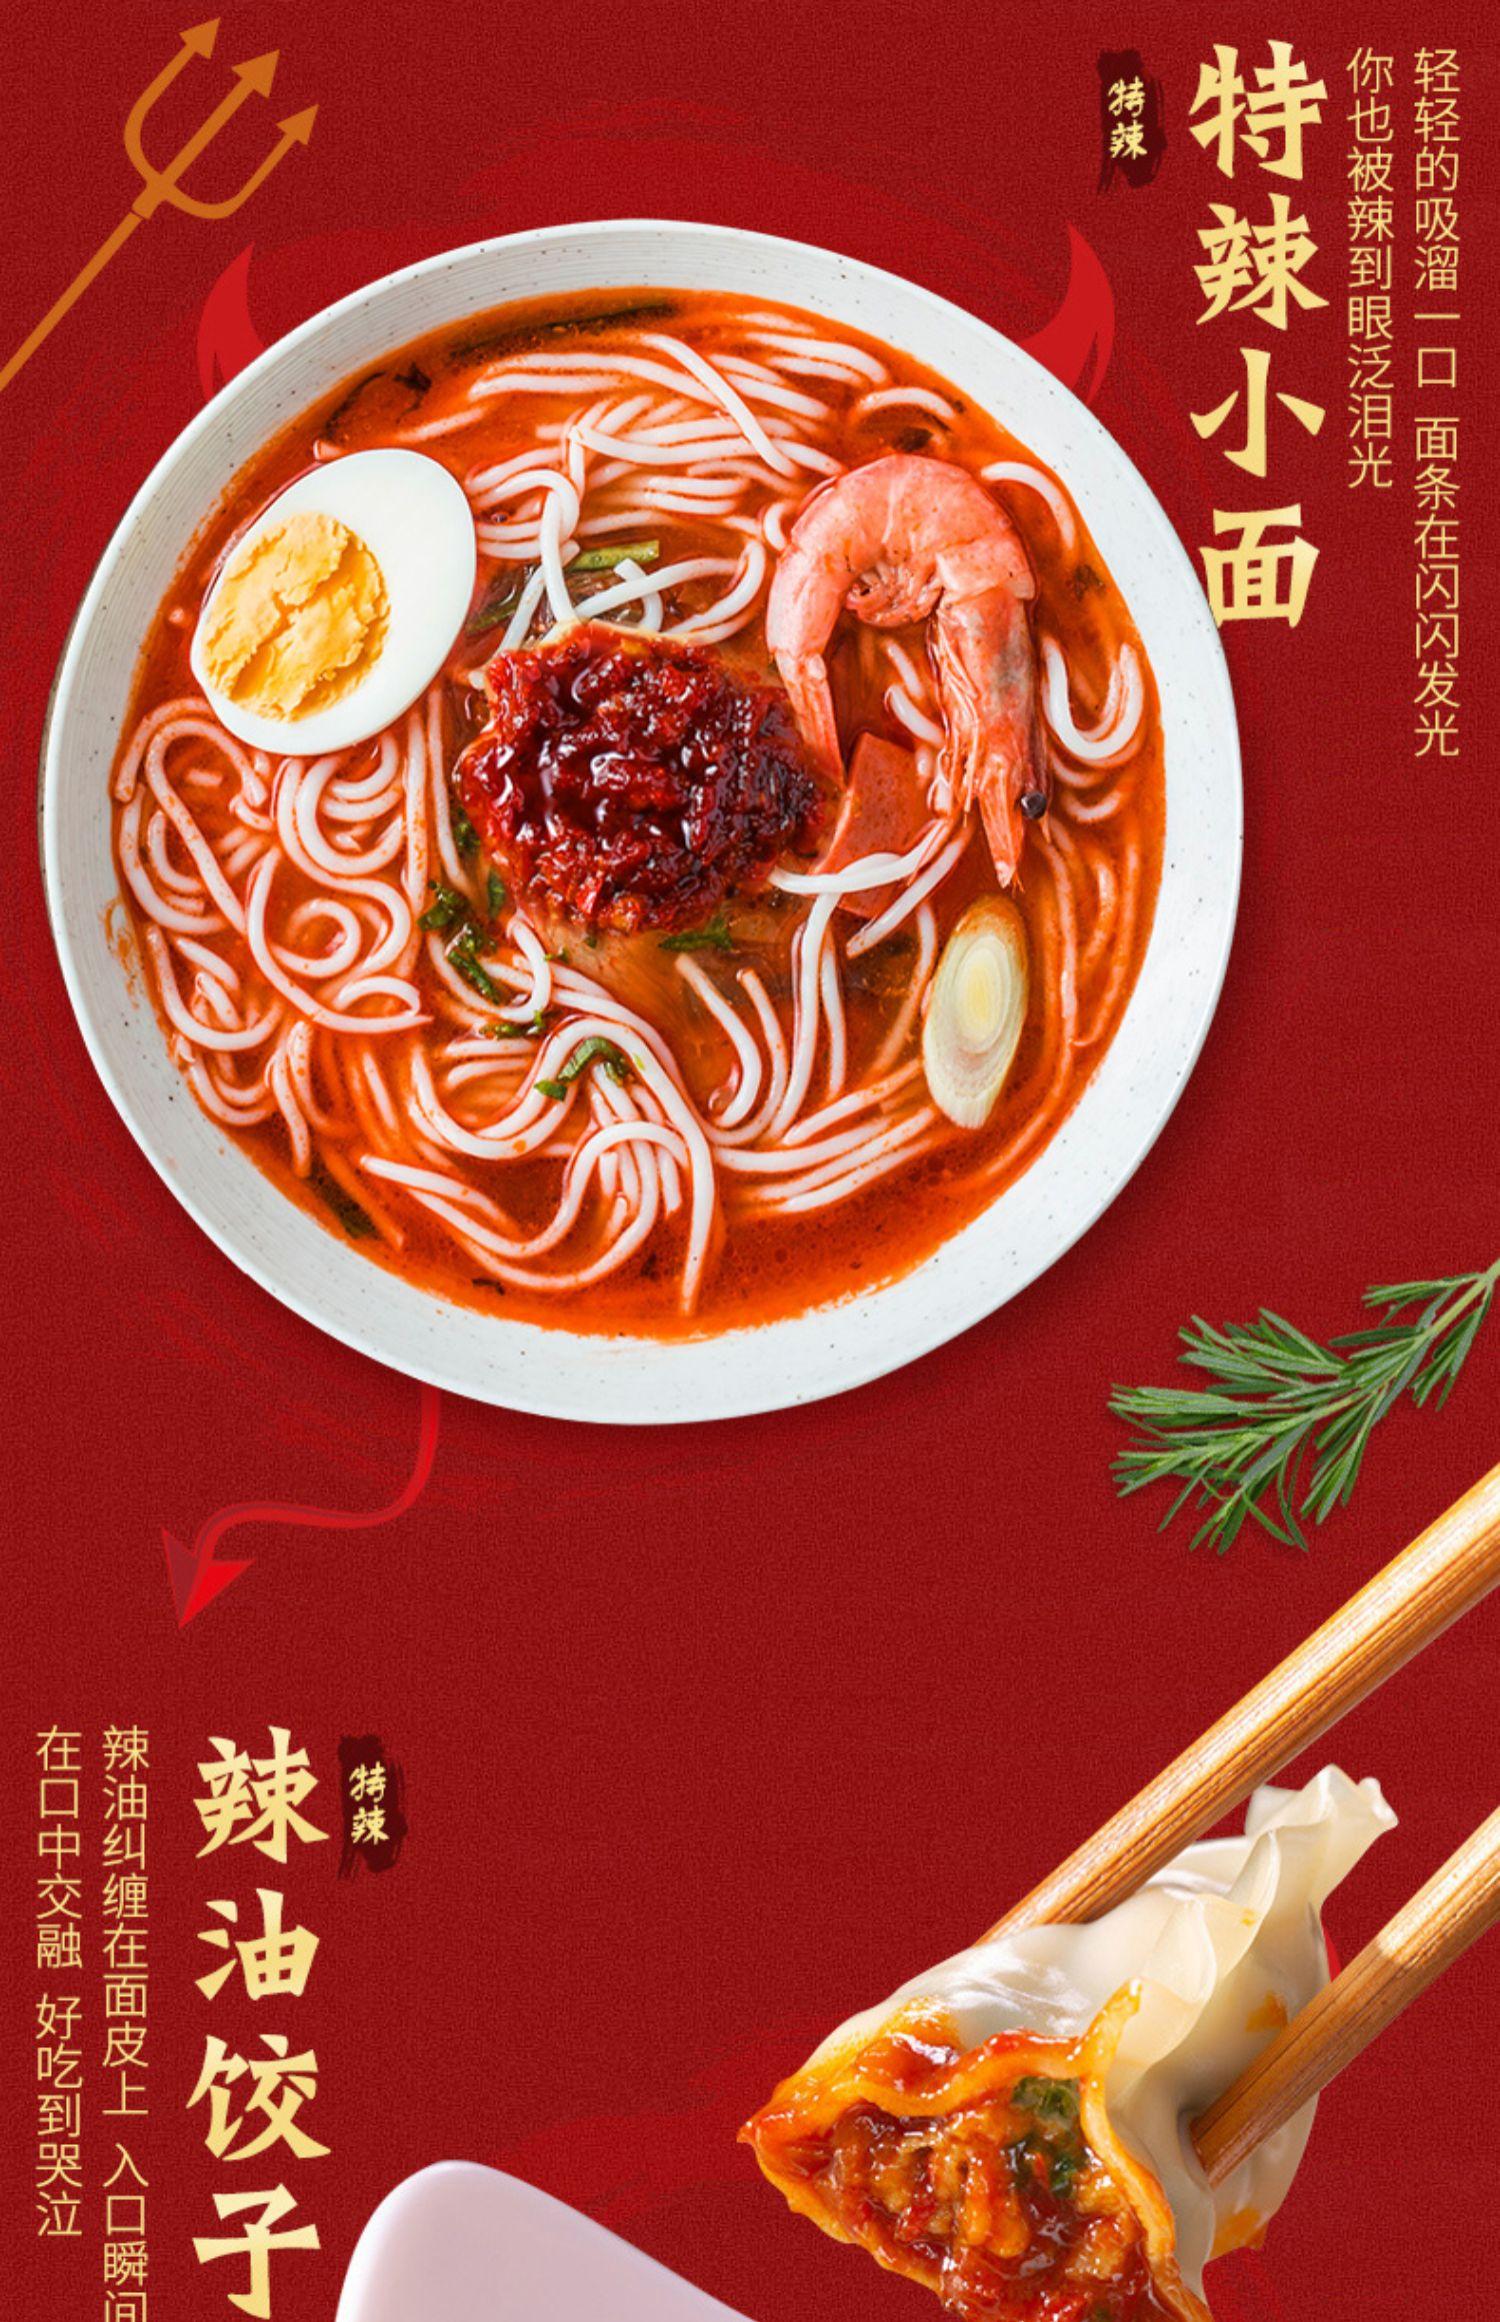 【虎邦】辣椒牛肉酱拌饭酱超辣210g